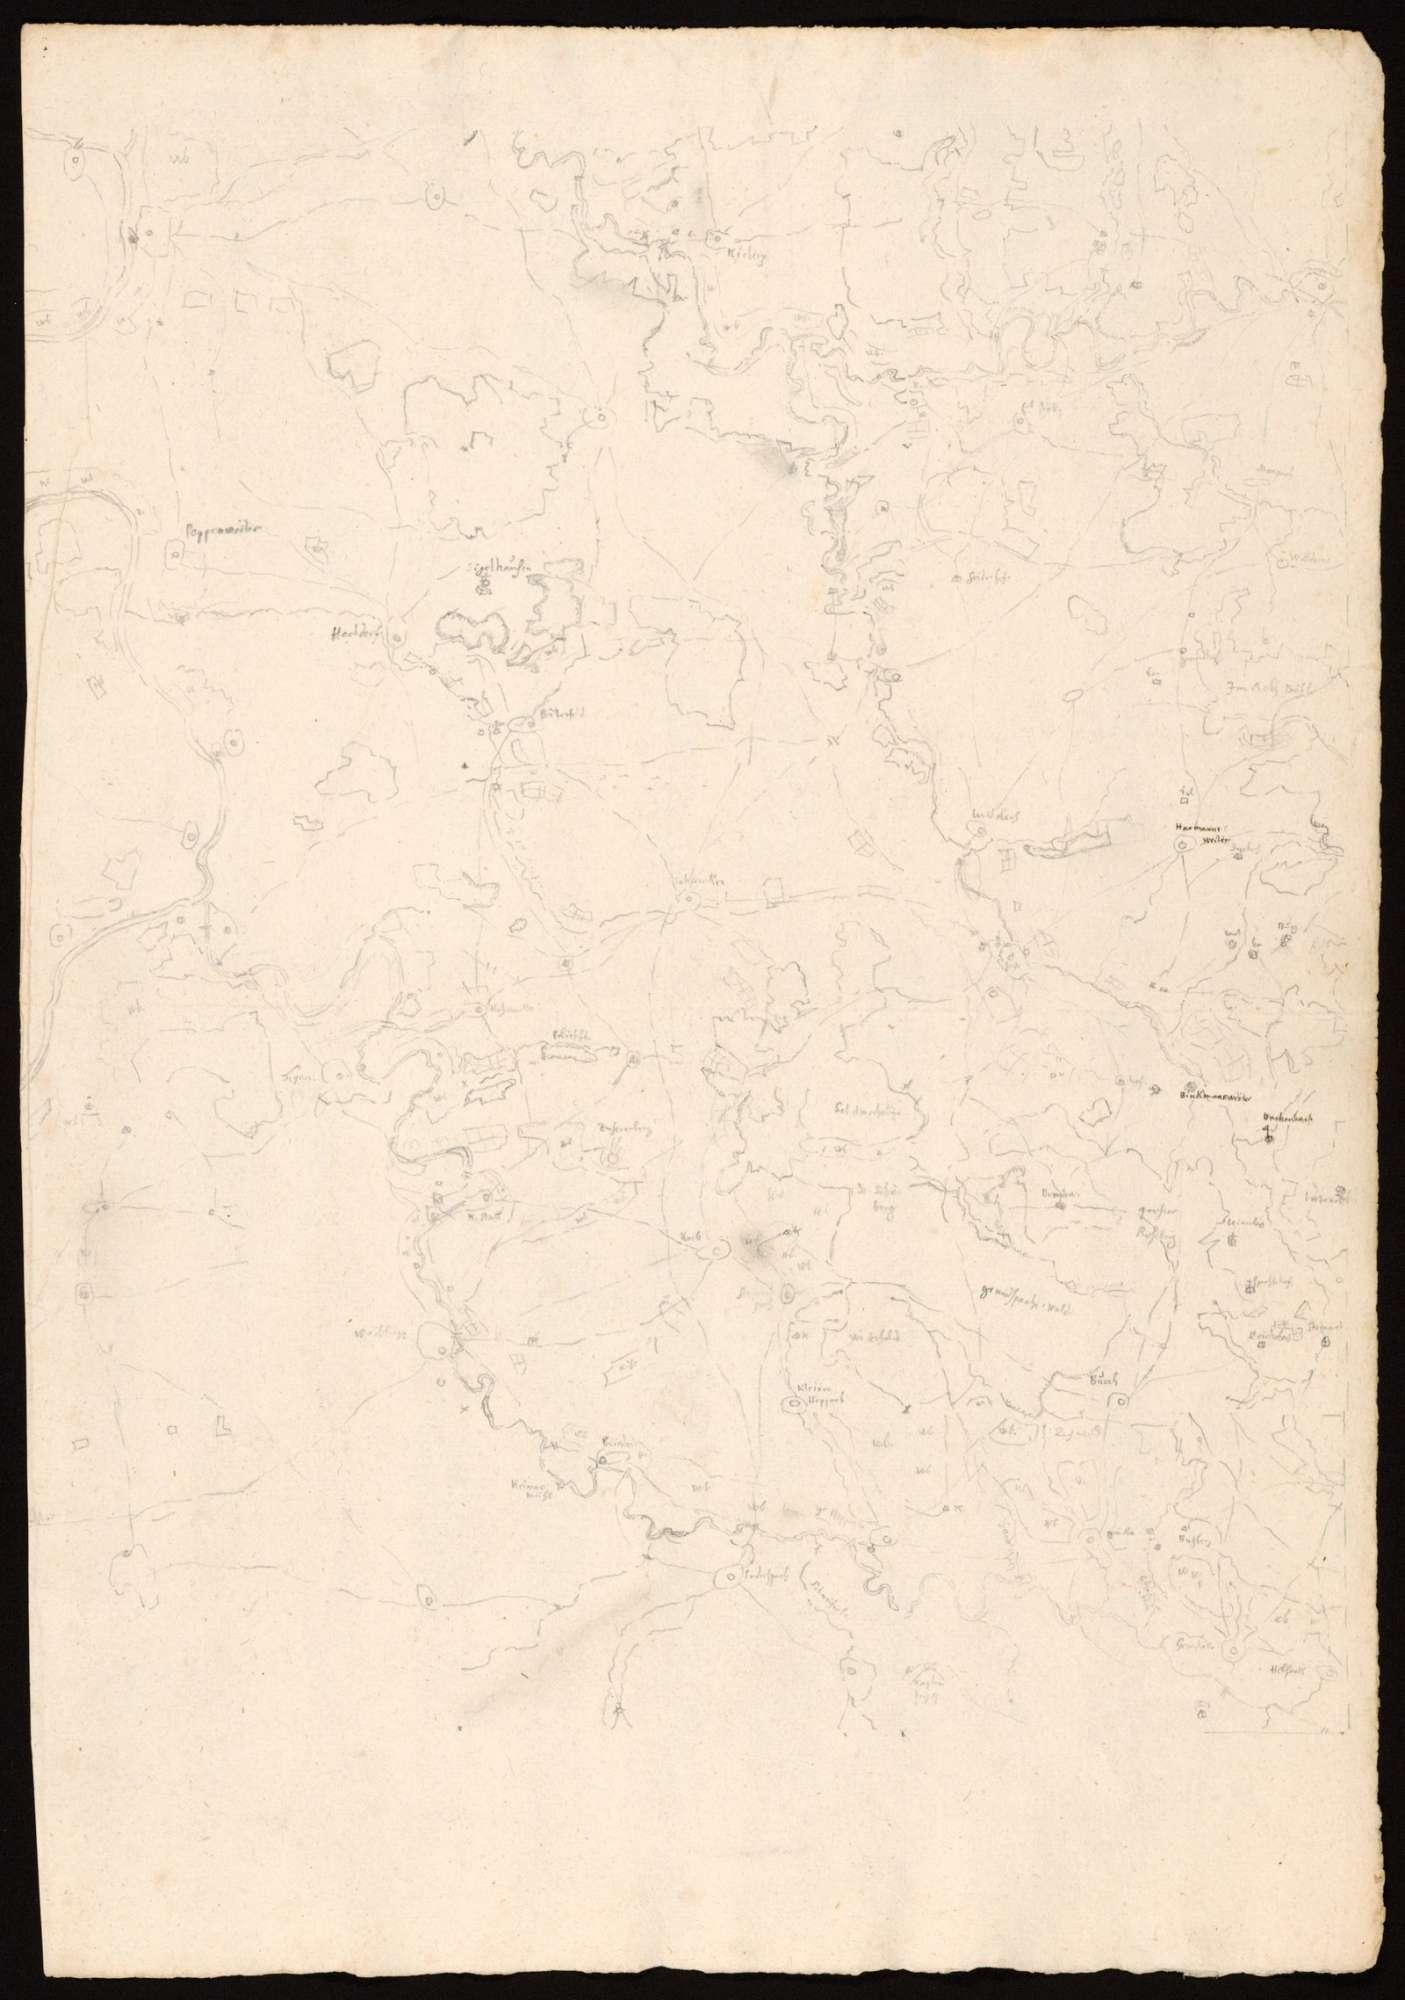 [Karte des Gebiets zwischen Rems, Neckar und Murr], Bild 1